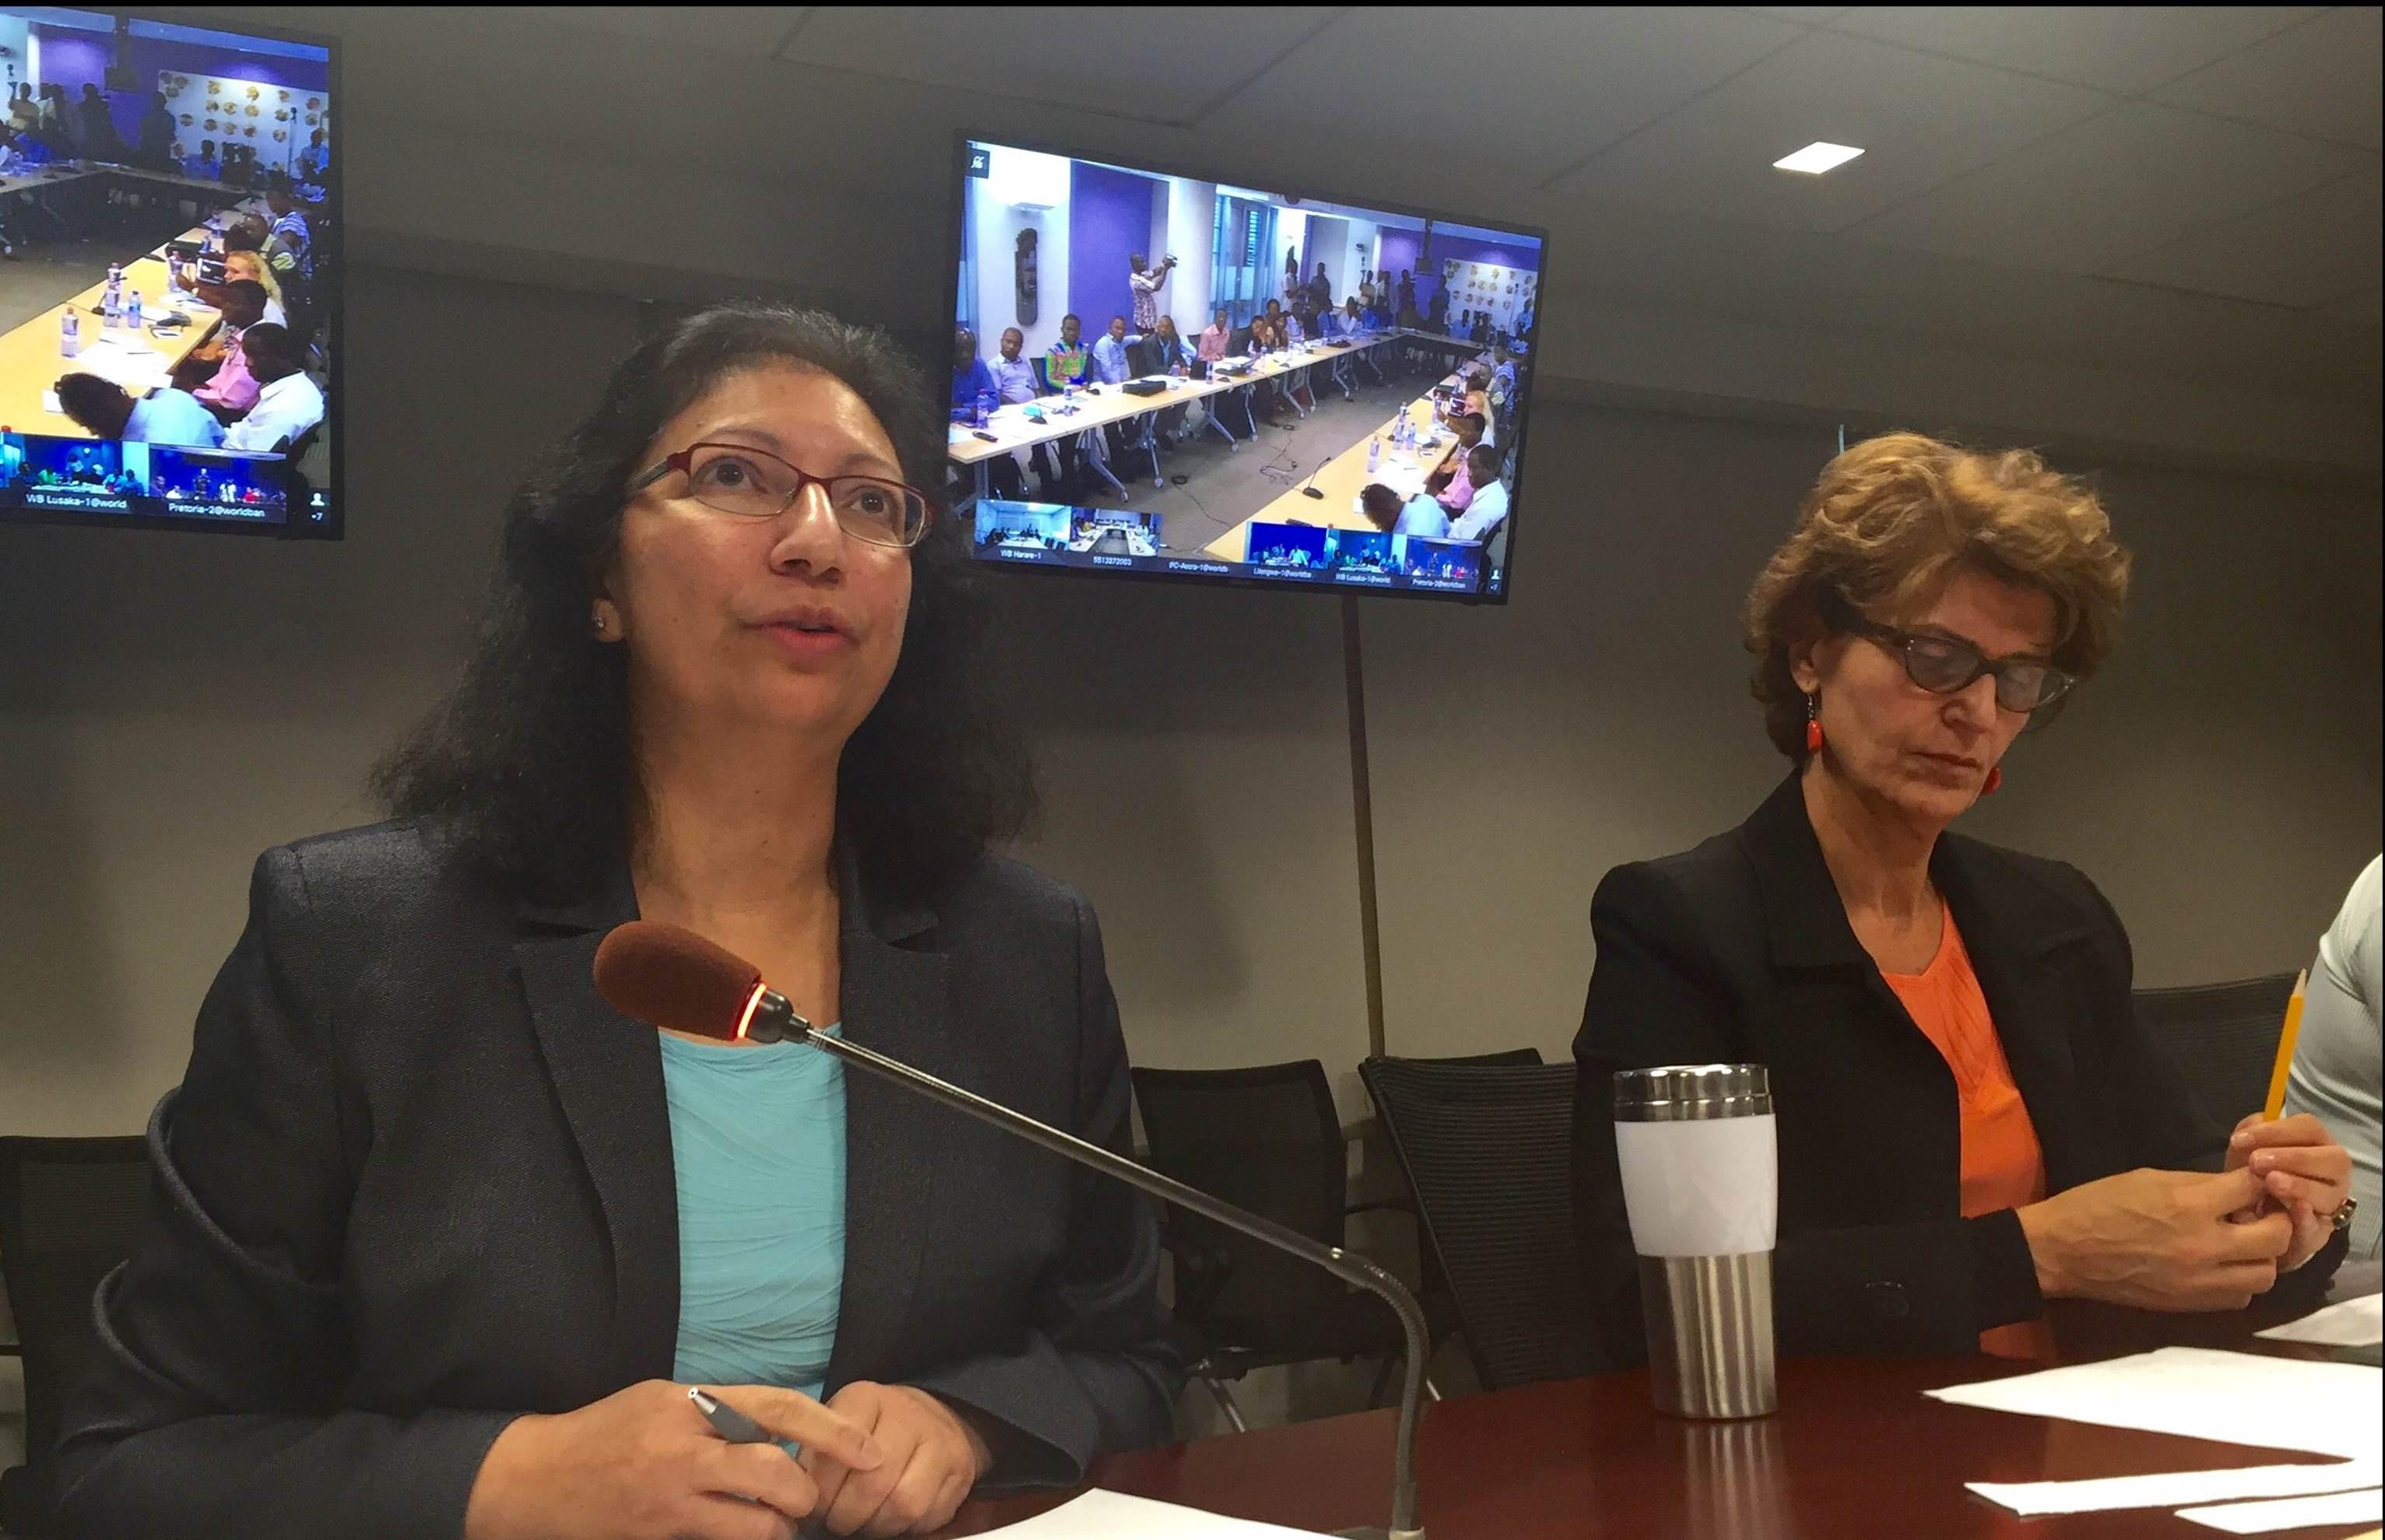 Punam Chuhan-Pole depuis le siège de la Banque mondiale à Washington a répondu aux question des journalistes.